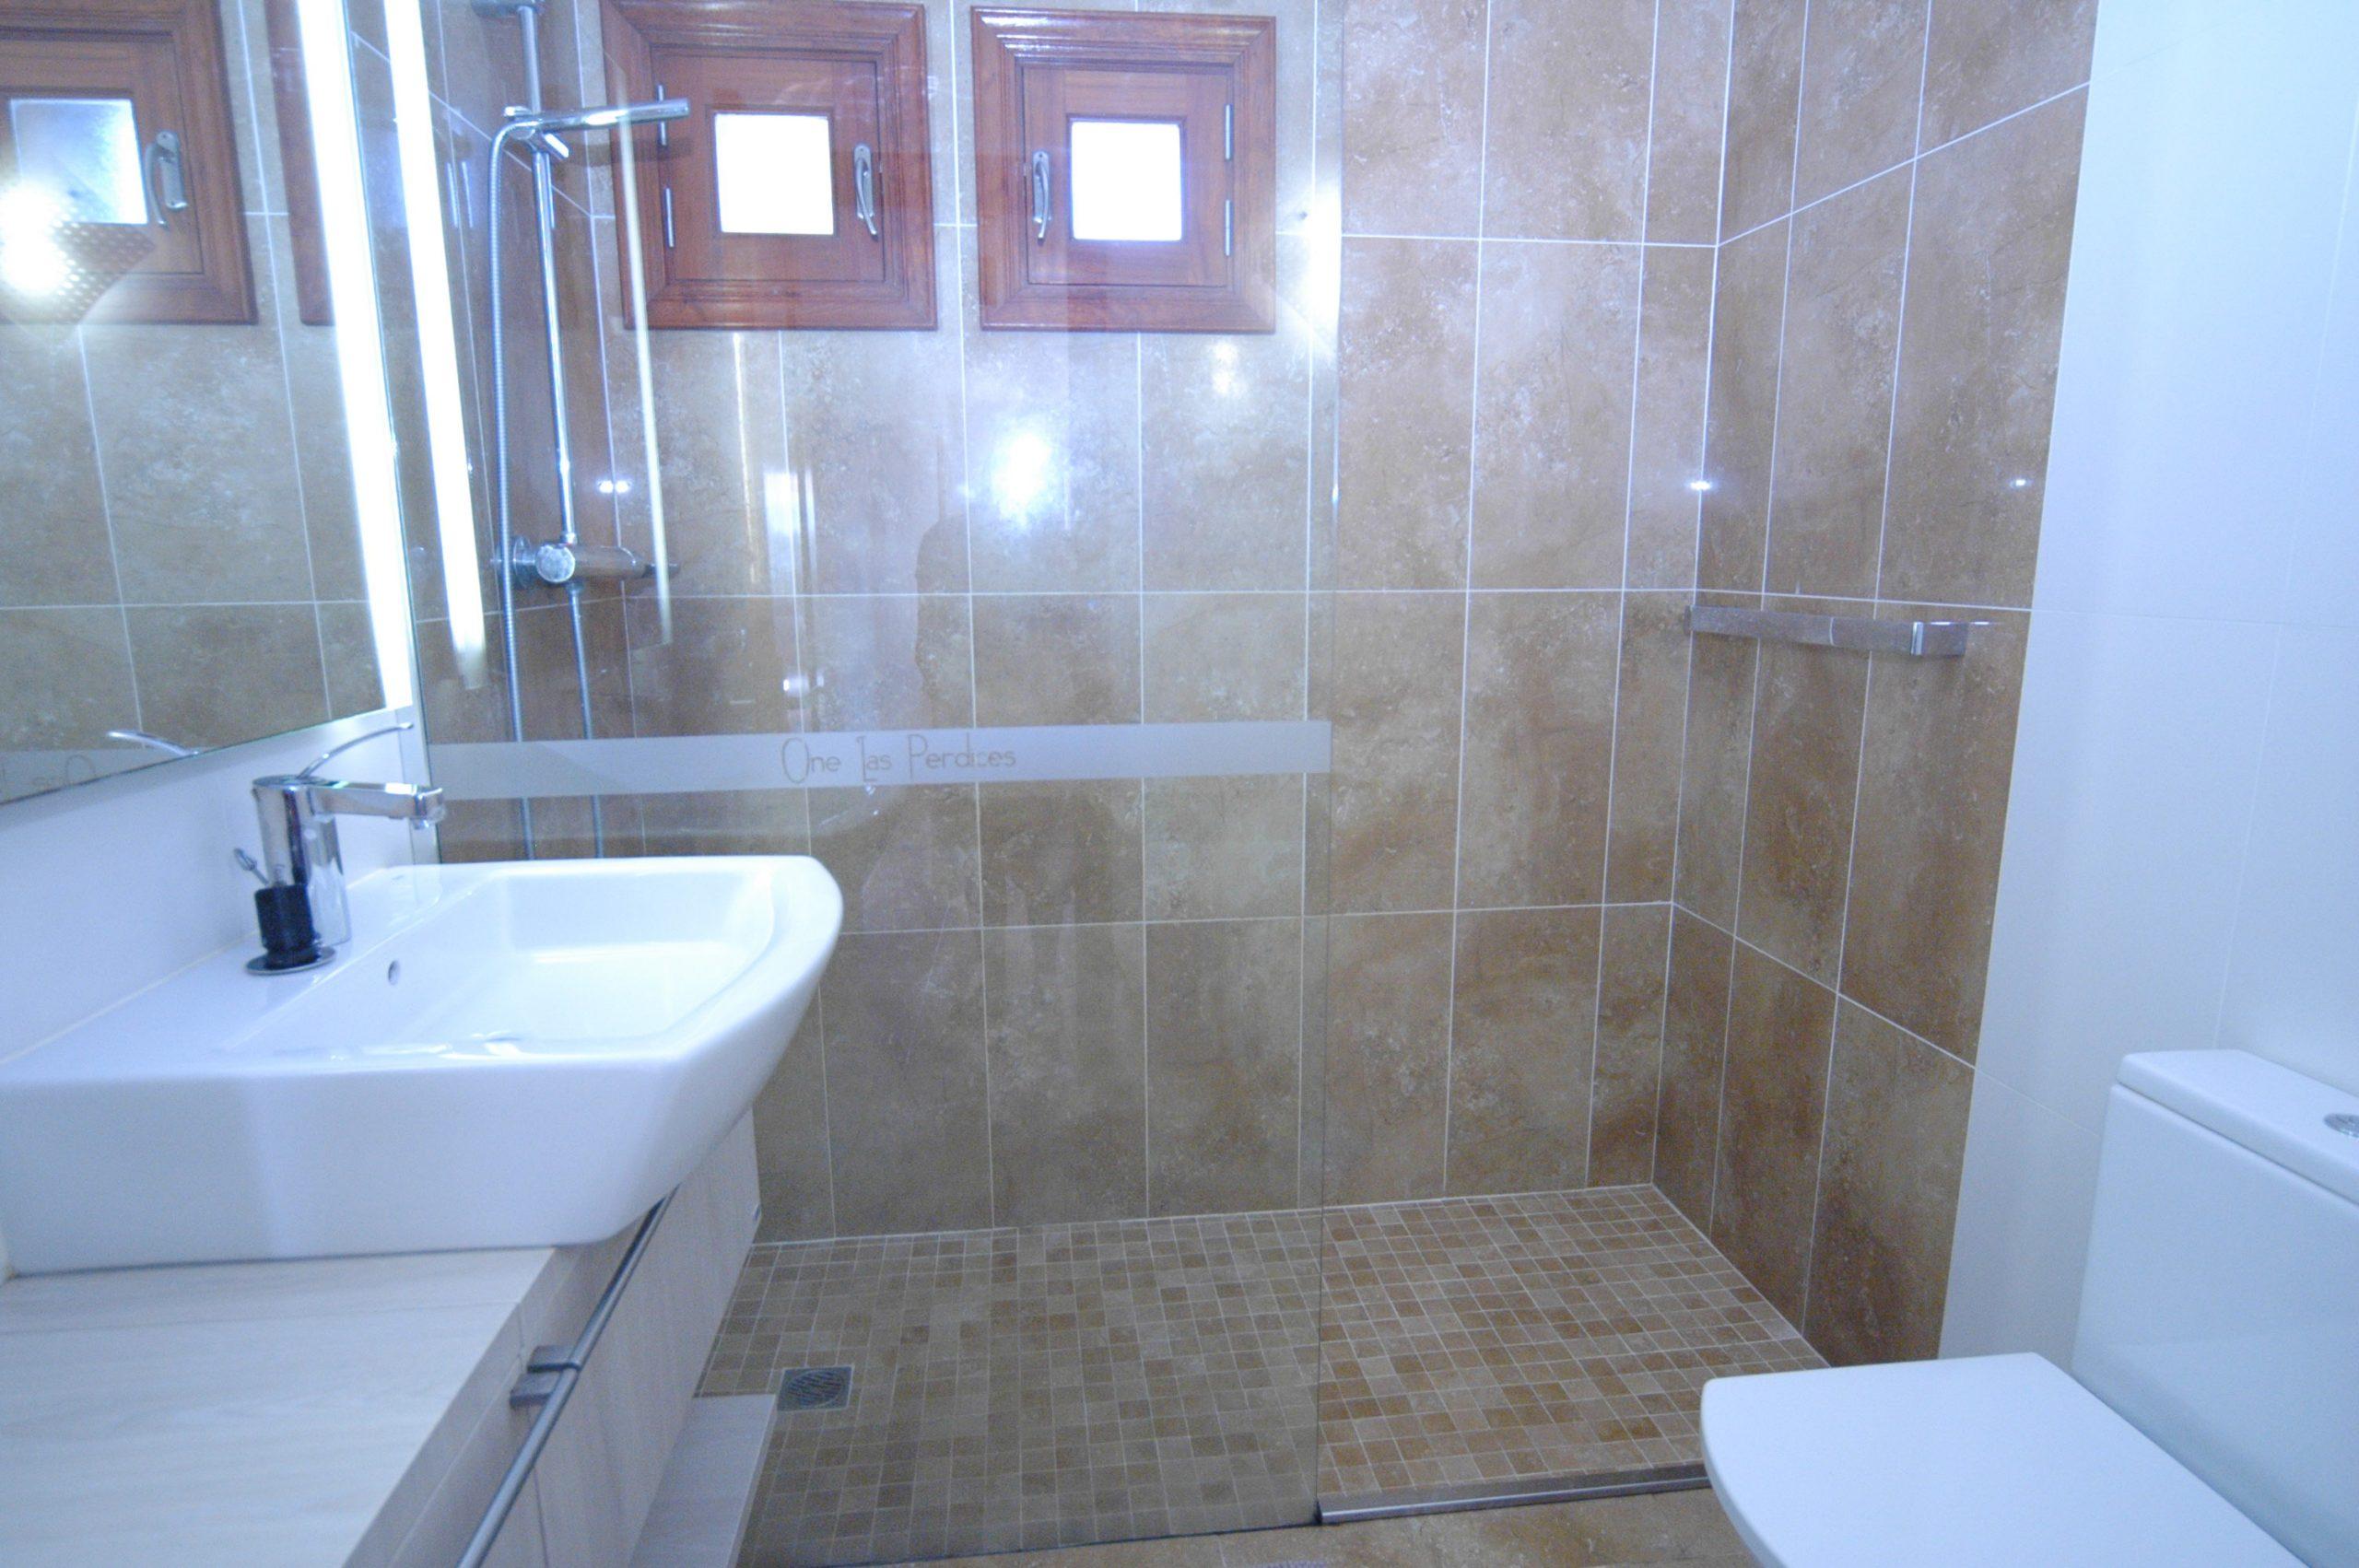 LVC216123 Annexe shower room